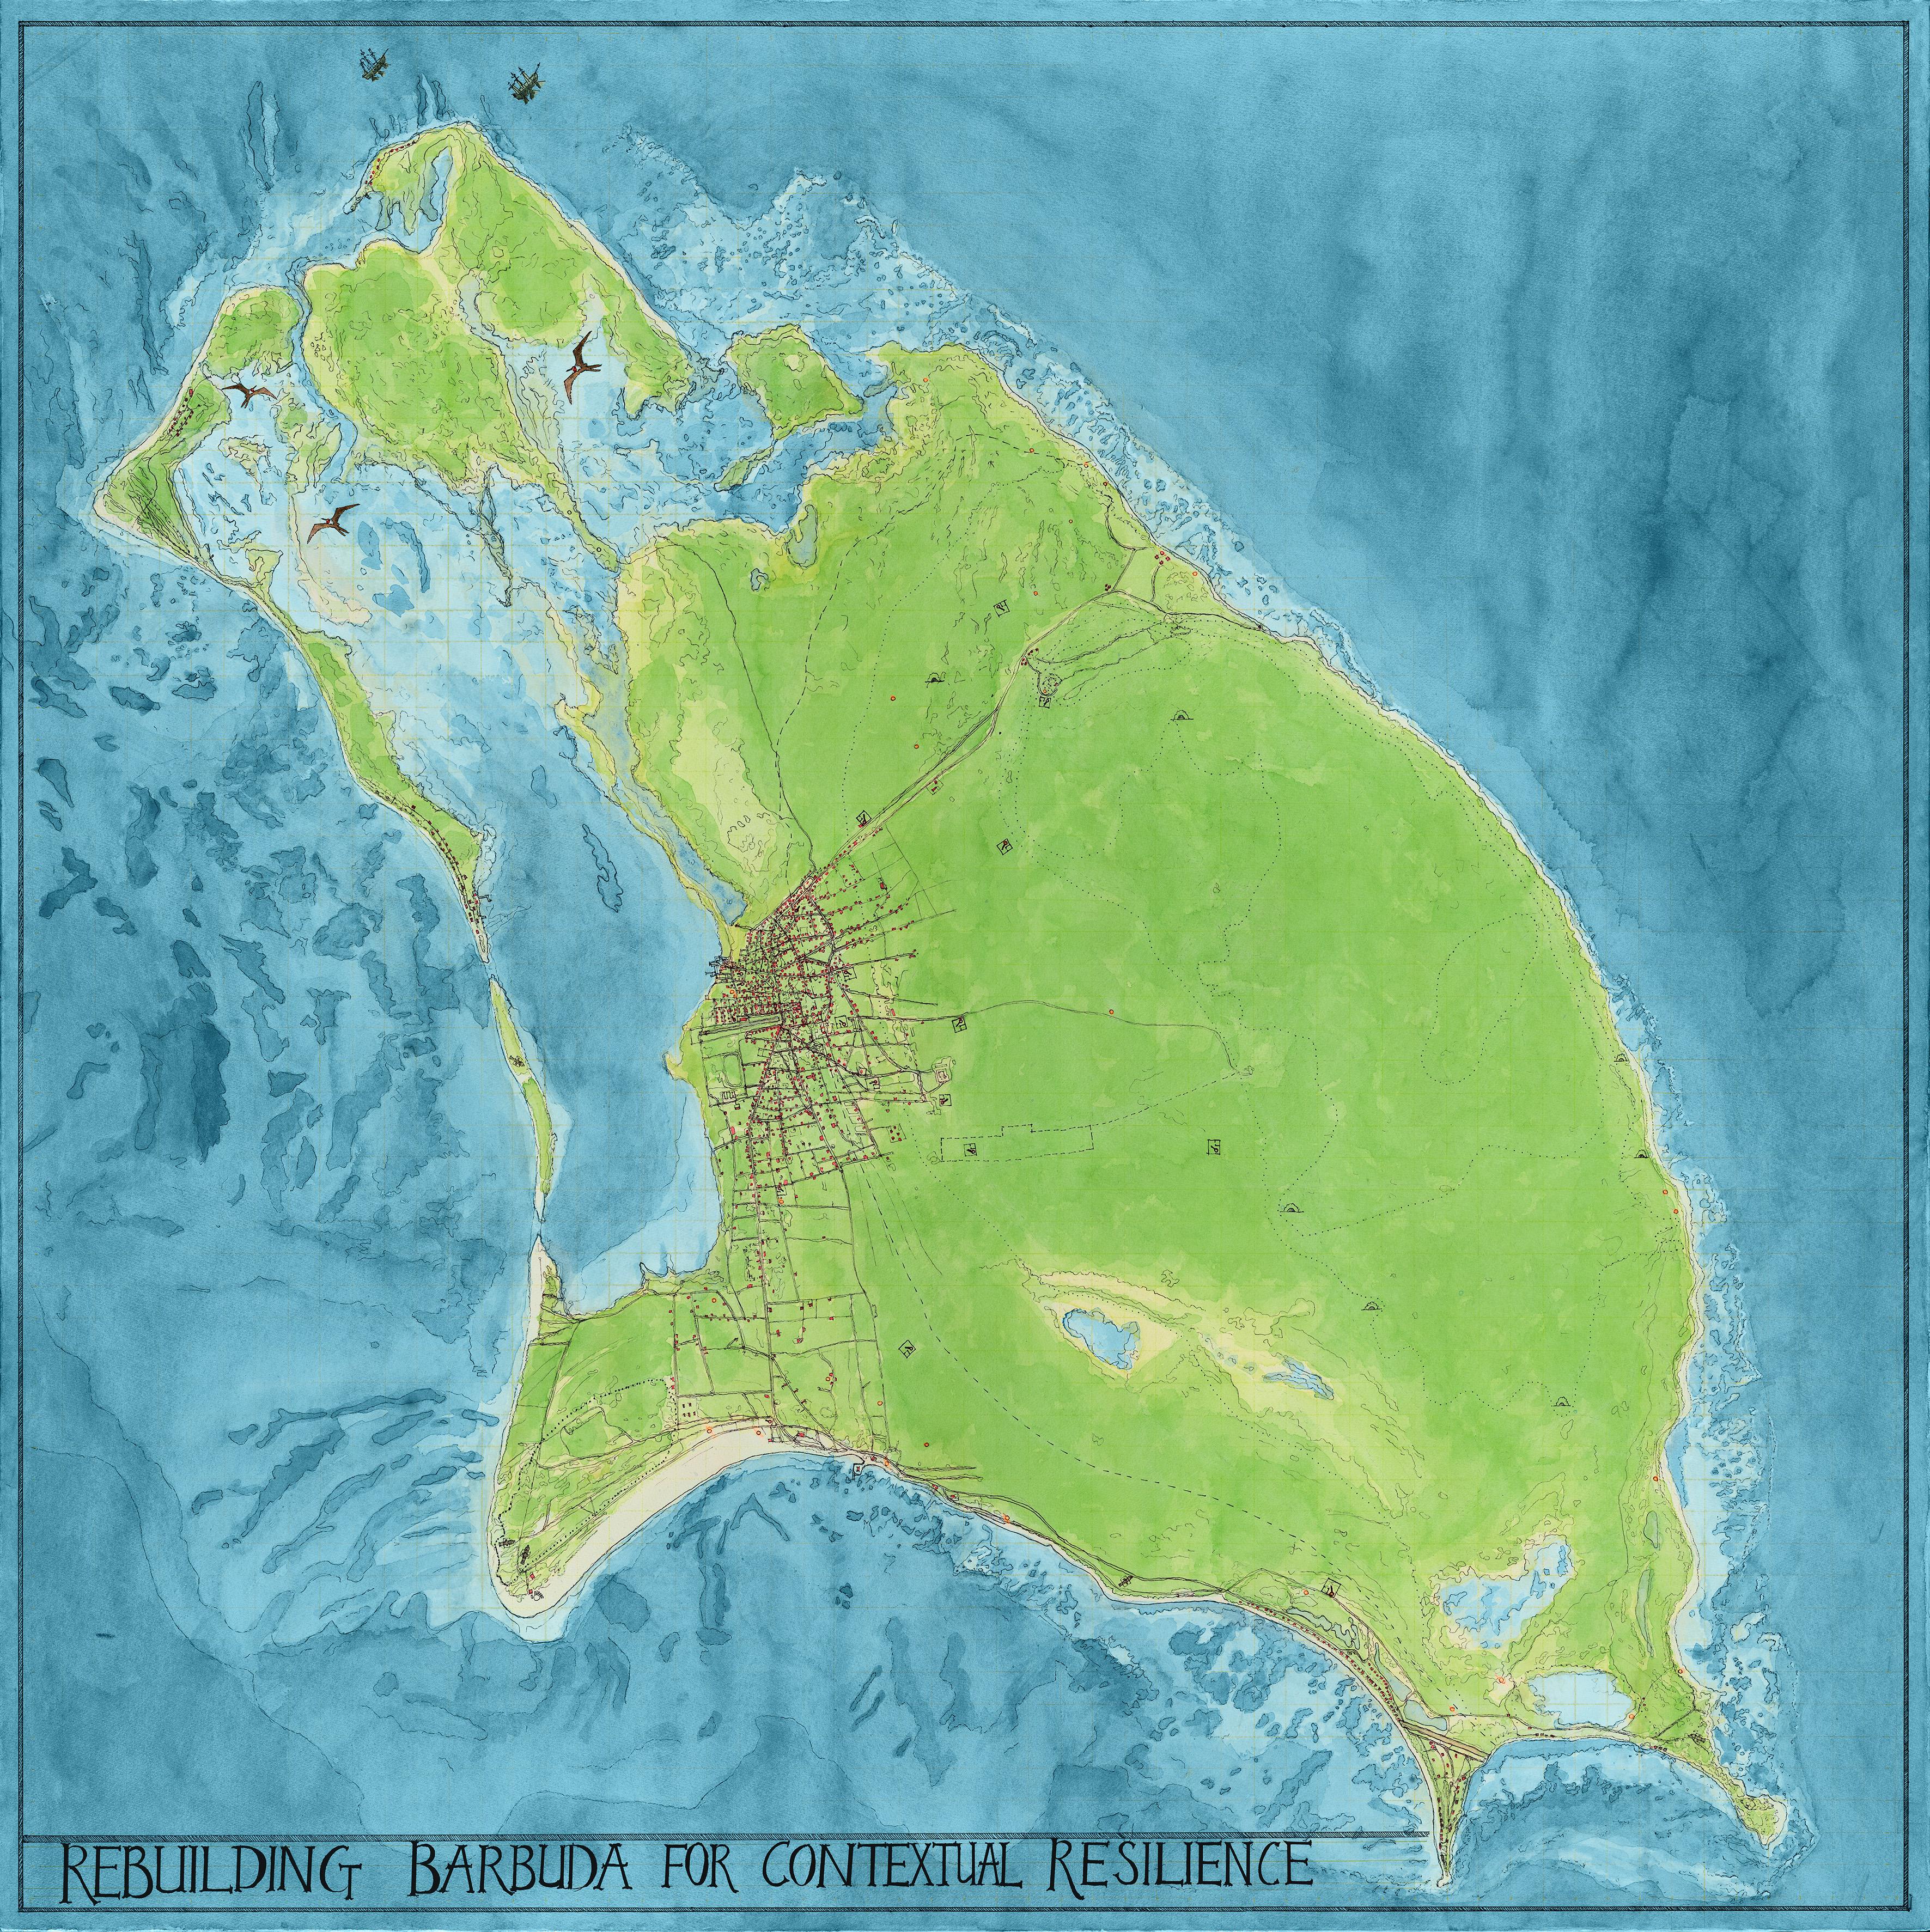 Rebuilding Barbuda